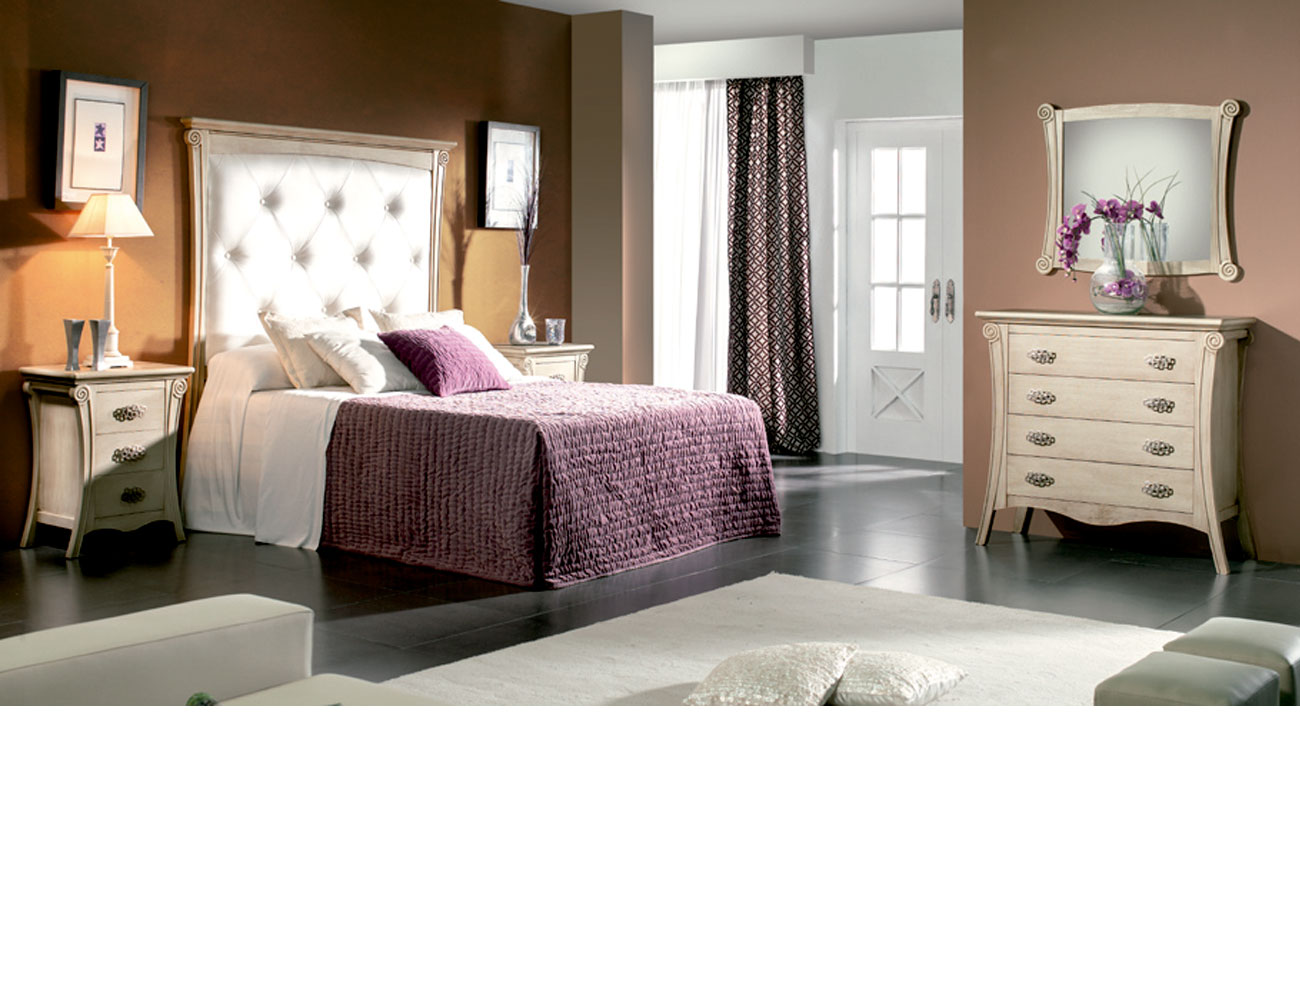 Dormitorio matrimonio cabecero tapizado polipiel color 500 tirador615